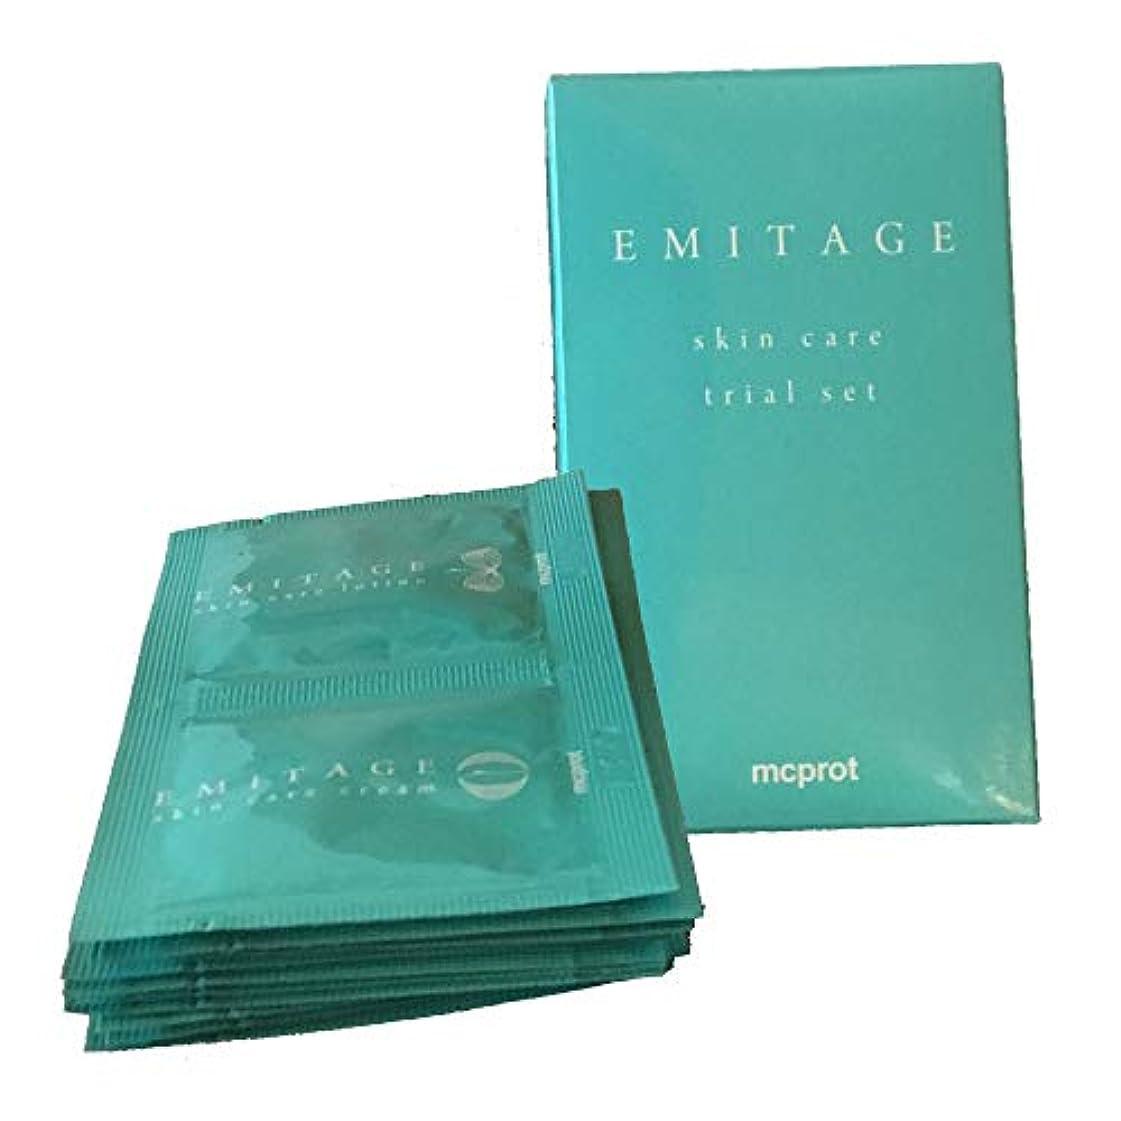 受動的アナログ確かめるEmitage(エミテイジ) 肌への思いやり ローション&クリーム トライアルセット